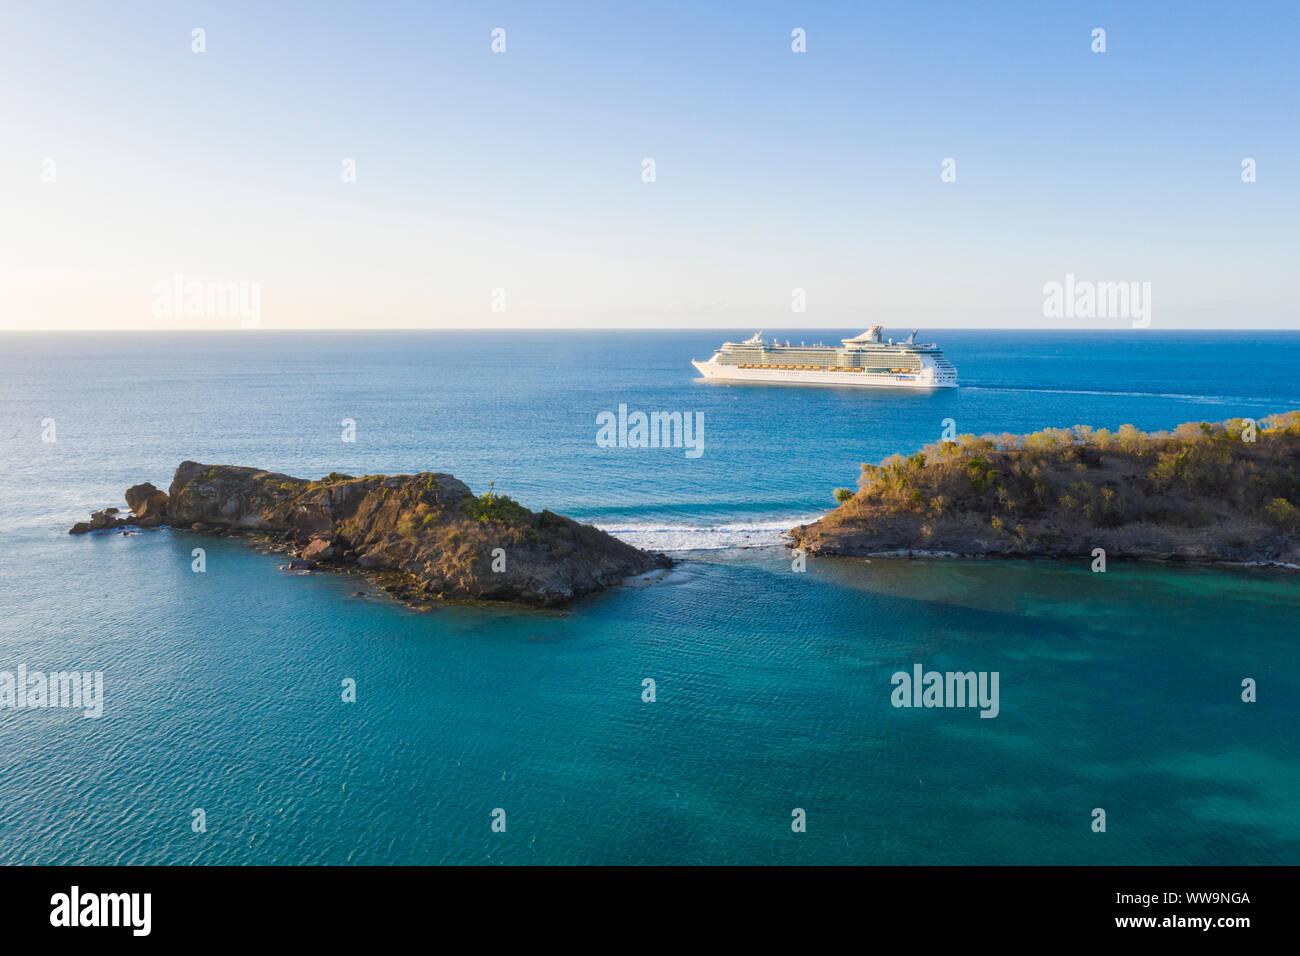 Vue aérienne du navire de croisière de luxe dans les mer des Caraïbes, Antilles, Amérique Centrale Banque D'Images